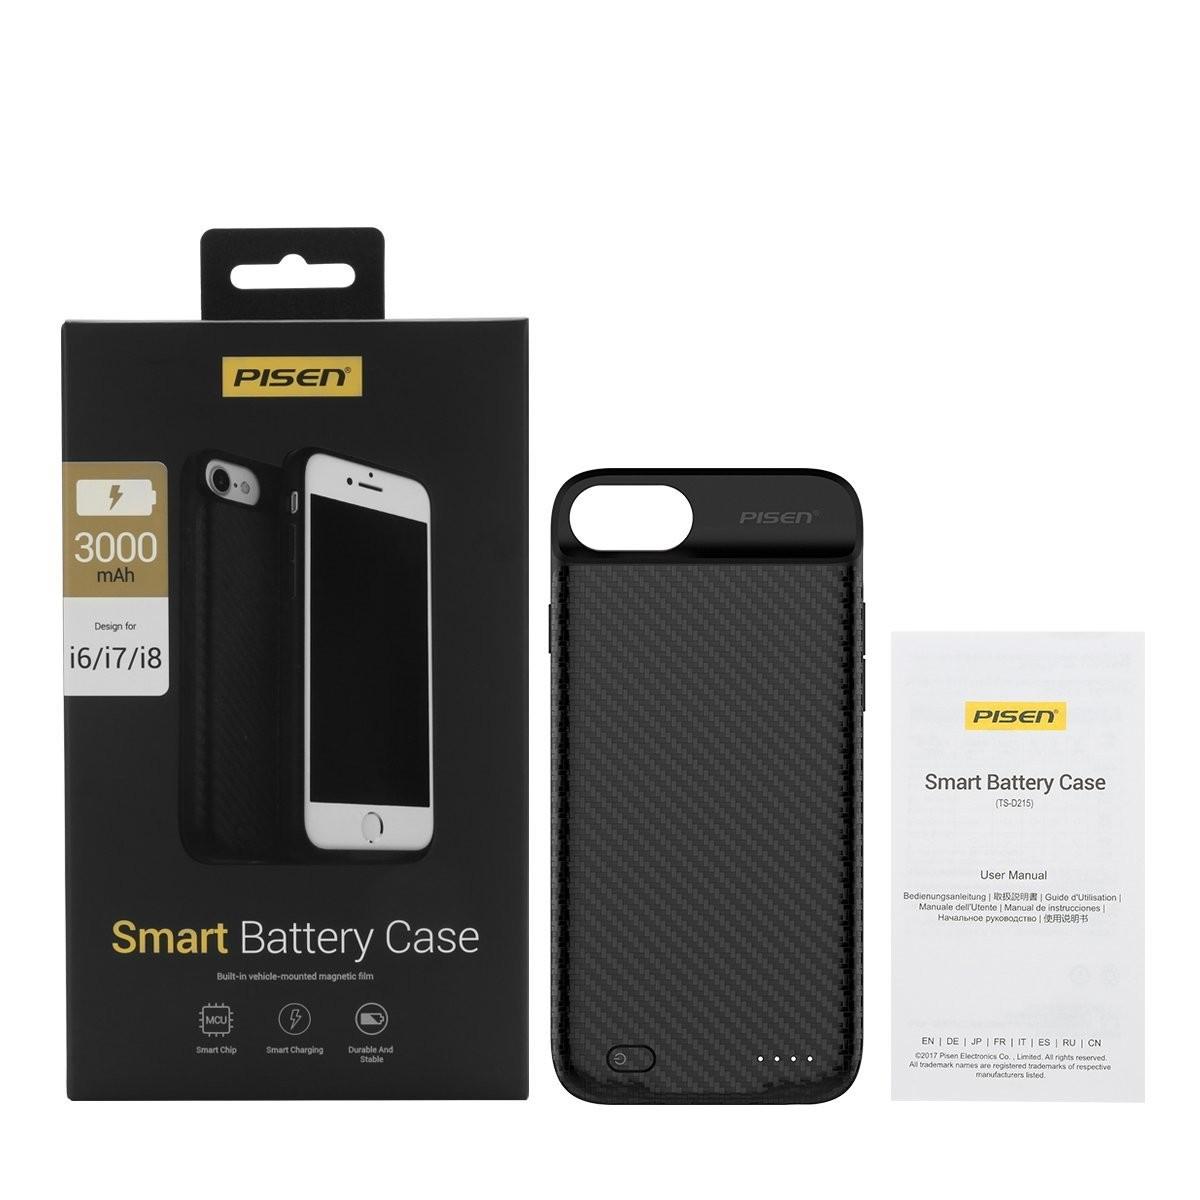 Pisen Smart Battery Case for iPhone 6/7/8, 3000MAH